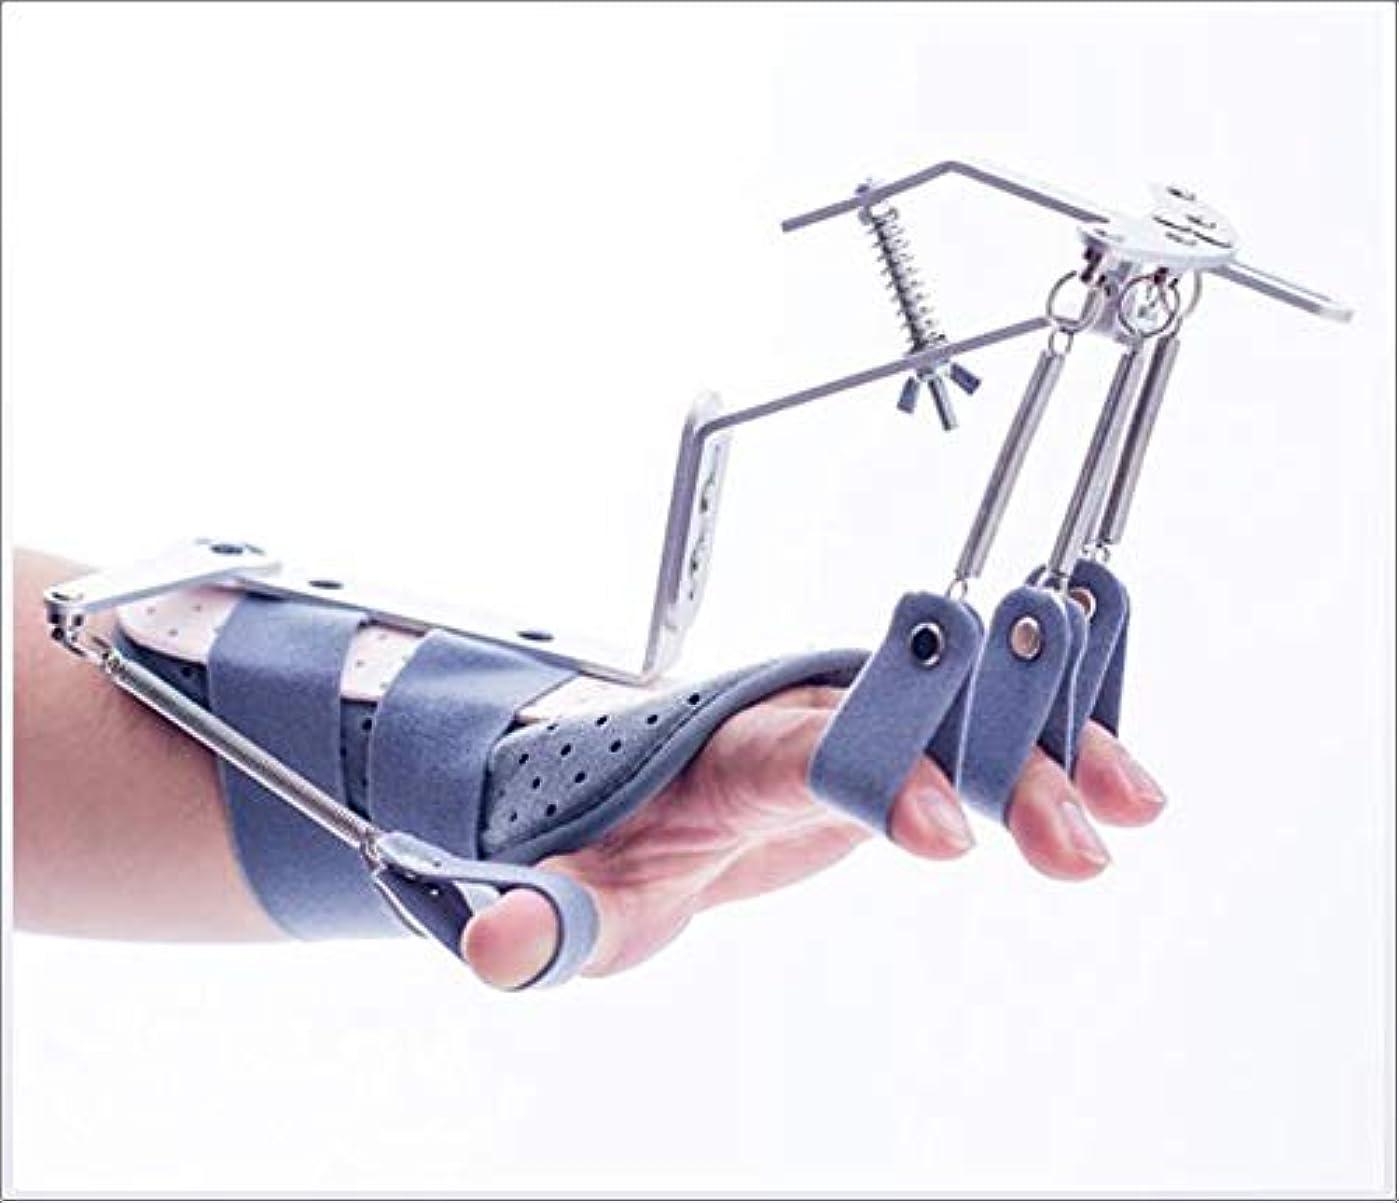 花嫁技術者飢え指手首矯正器指エクササイザ機器別の親指手首装具手機能脳梗塞血栓症脳卒中に適して